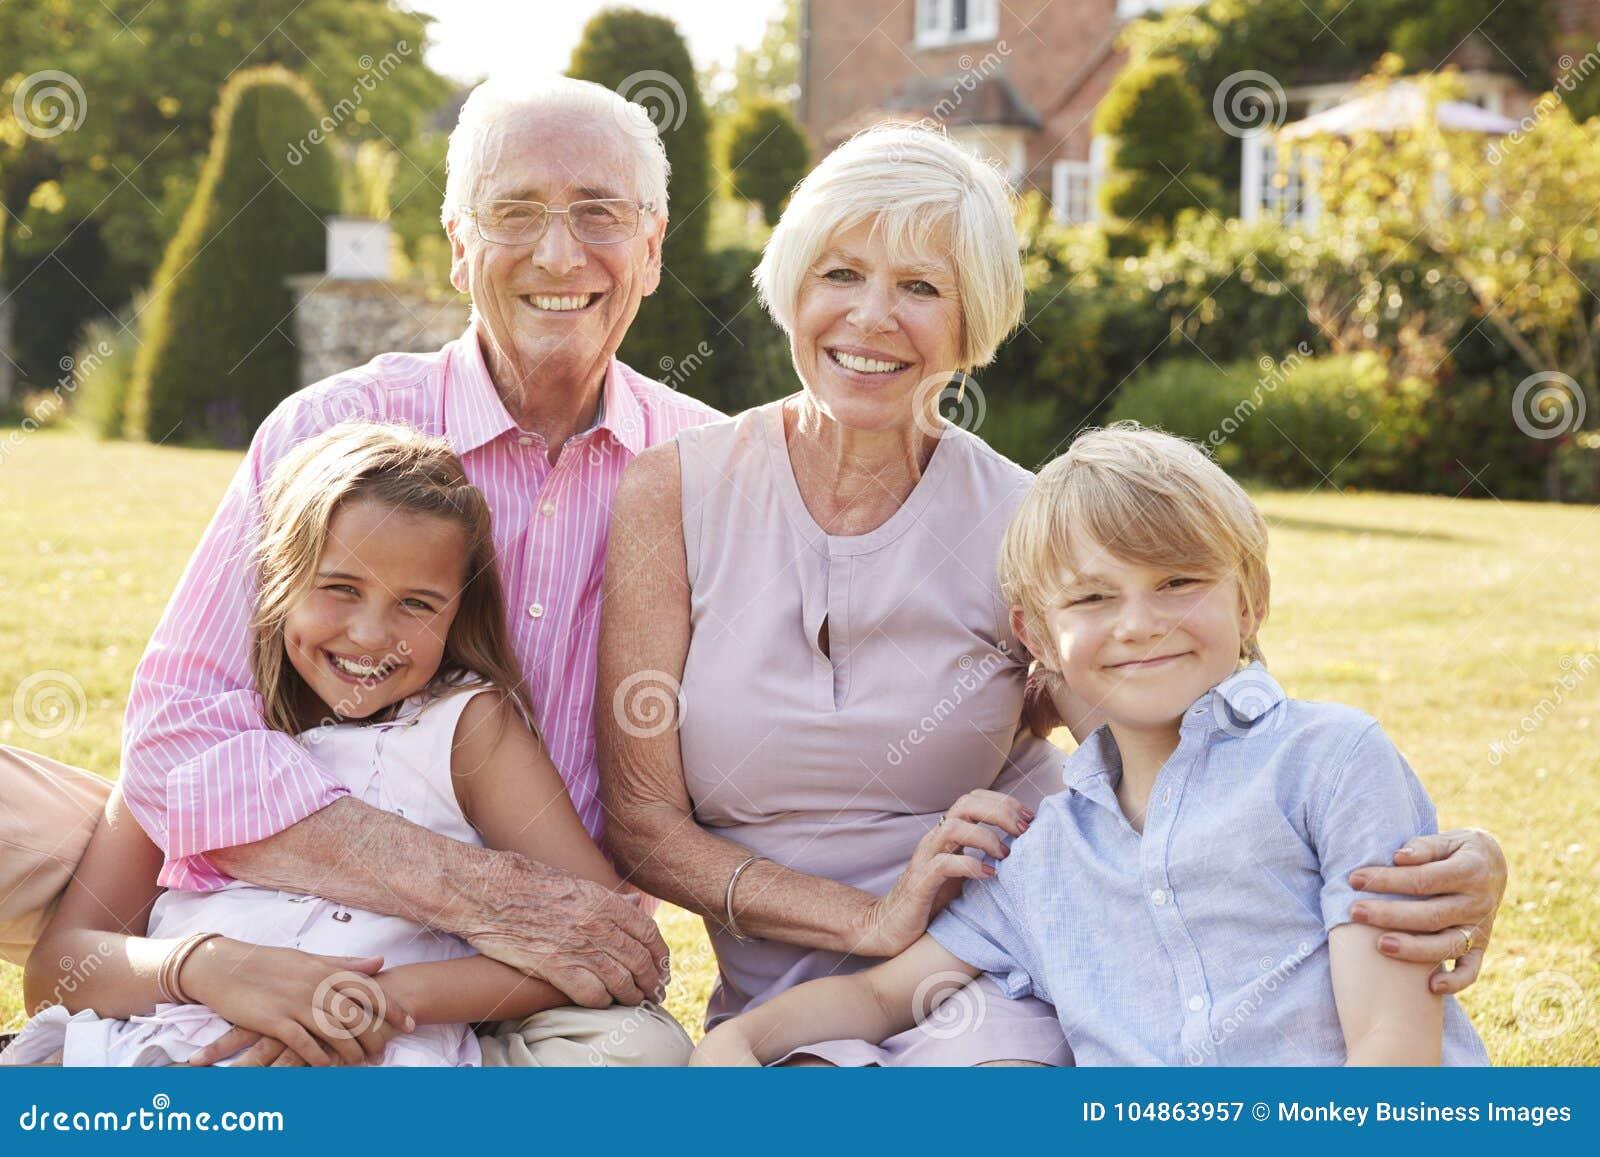 Großeltern und Enkelkinder, die auf Gras in einem Garten sitzen